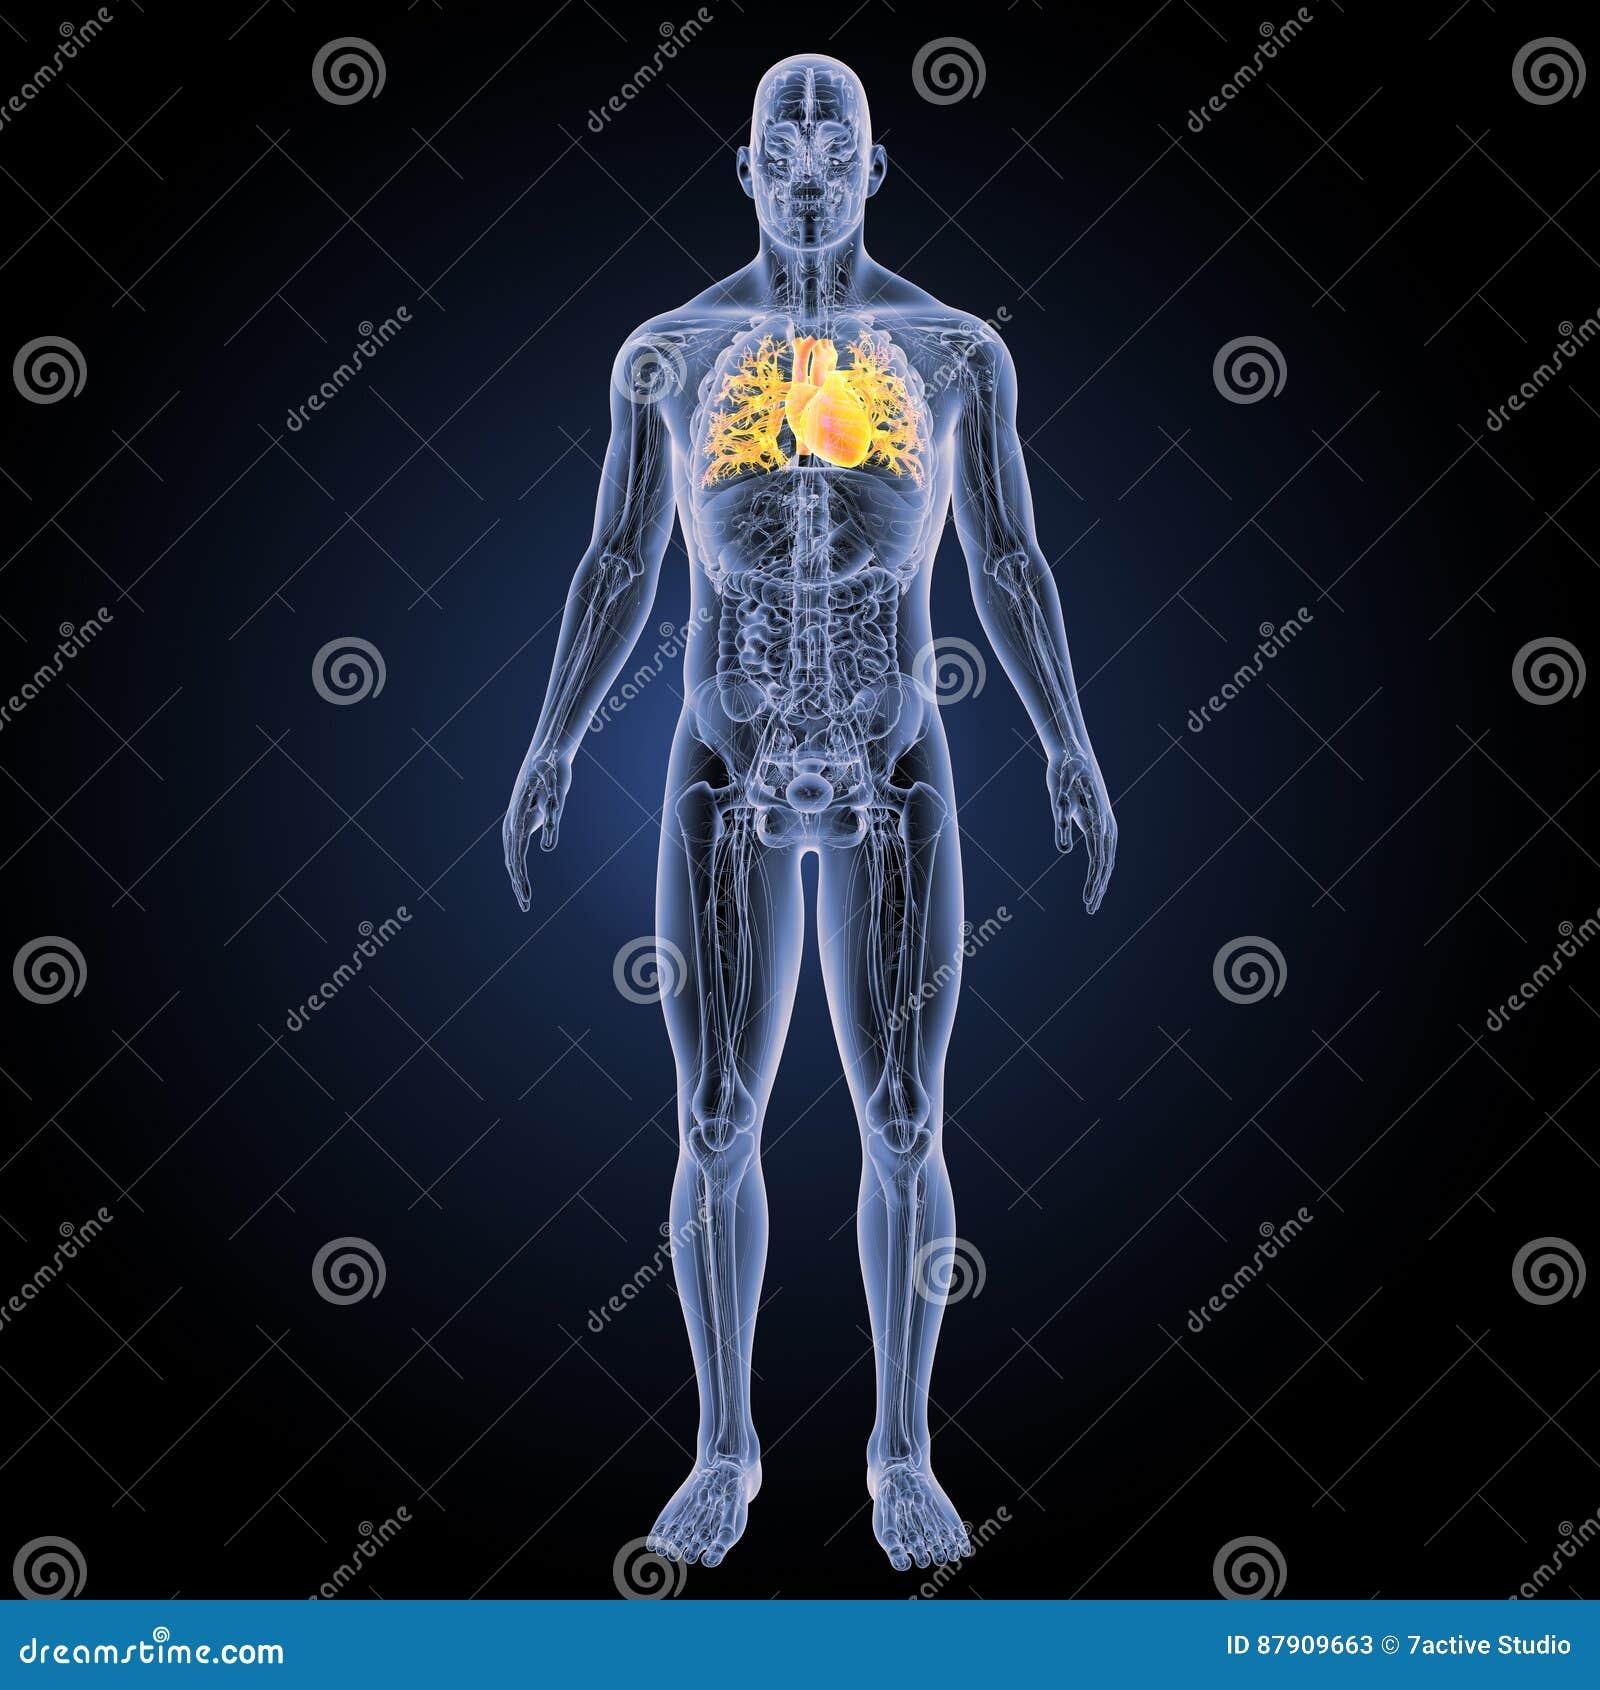 Menschliches Herz Mit Anatomievorderansicht Stockbild - Bild von ...